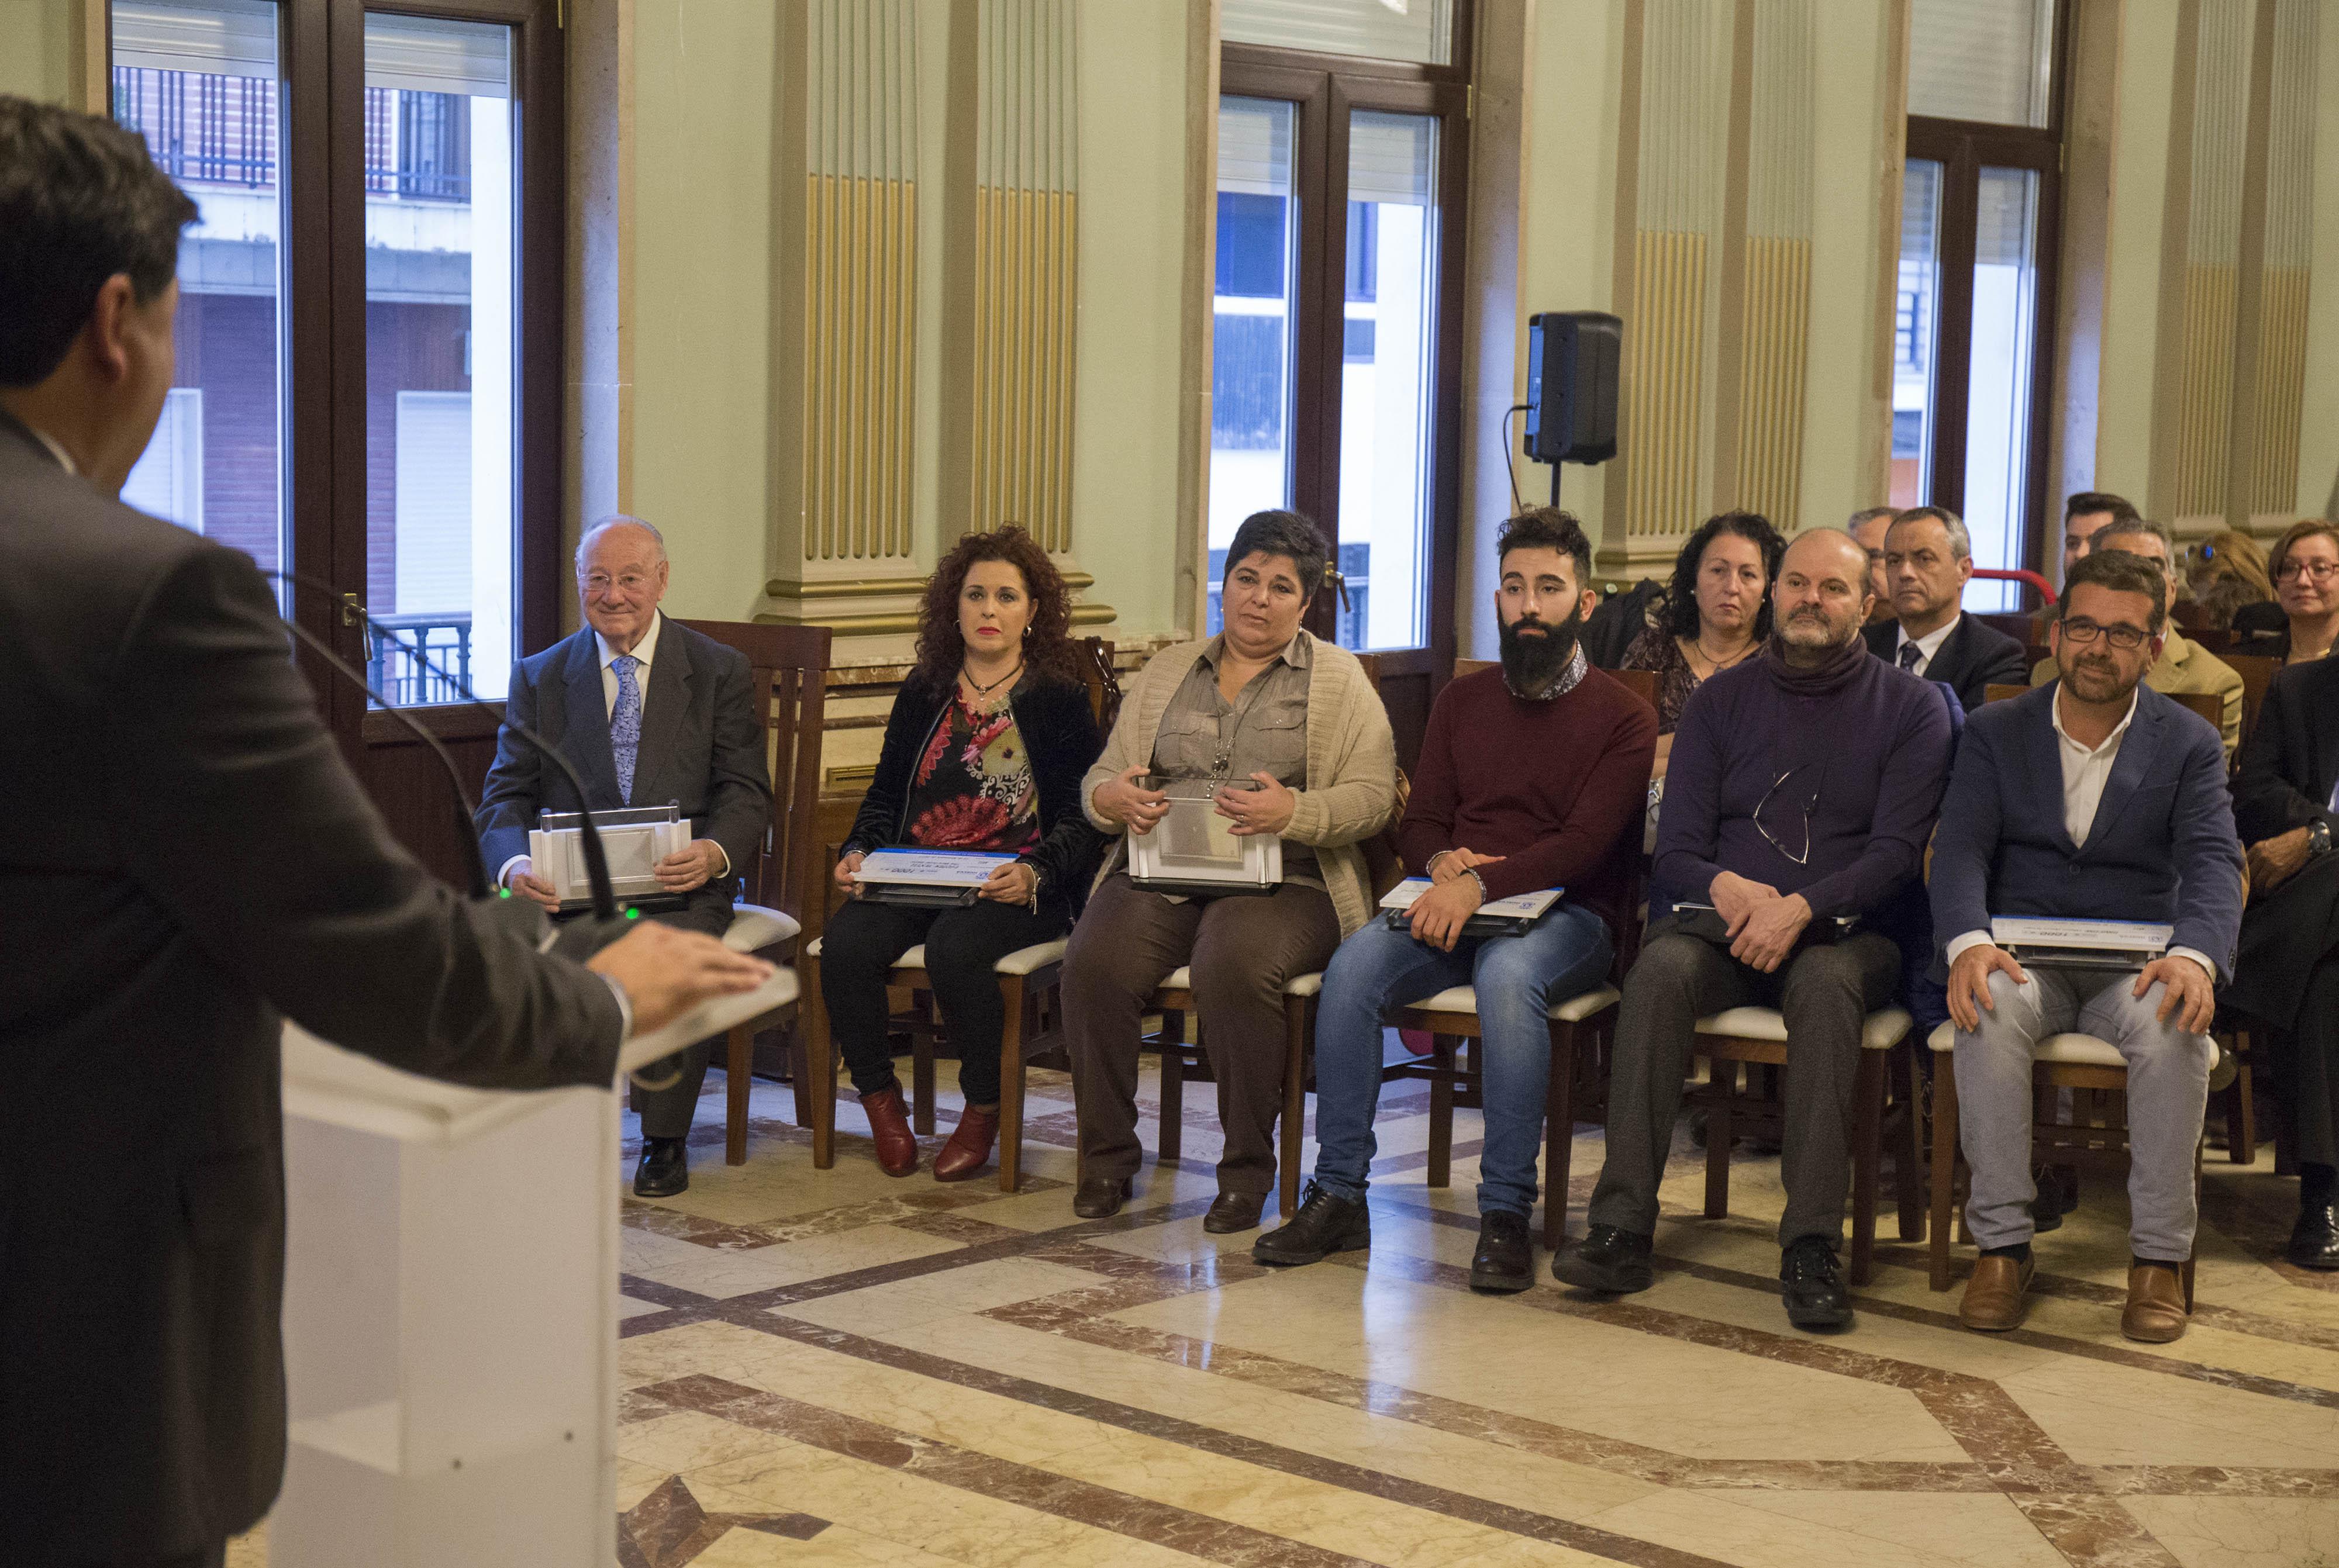 os premios del Comercio, promovido por el Ayuntamiento de Huelva, buscan reconocer la labor de los comerciantes.